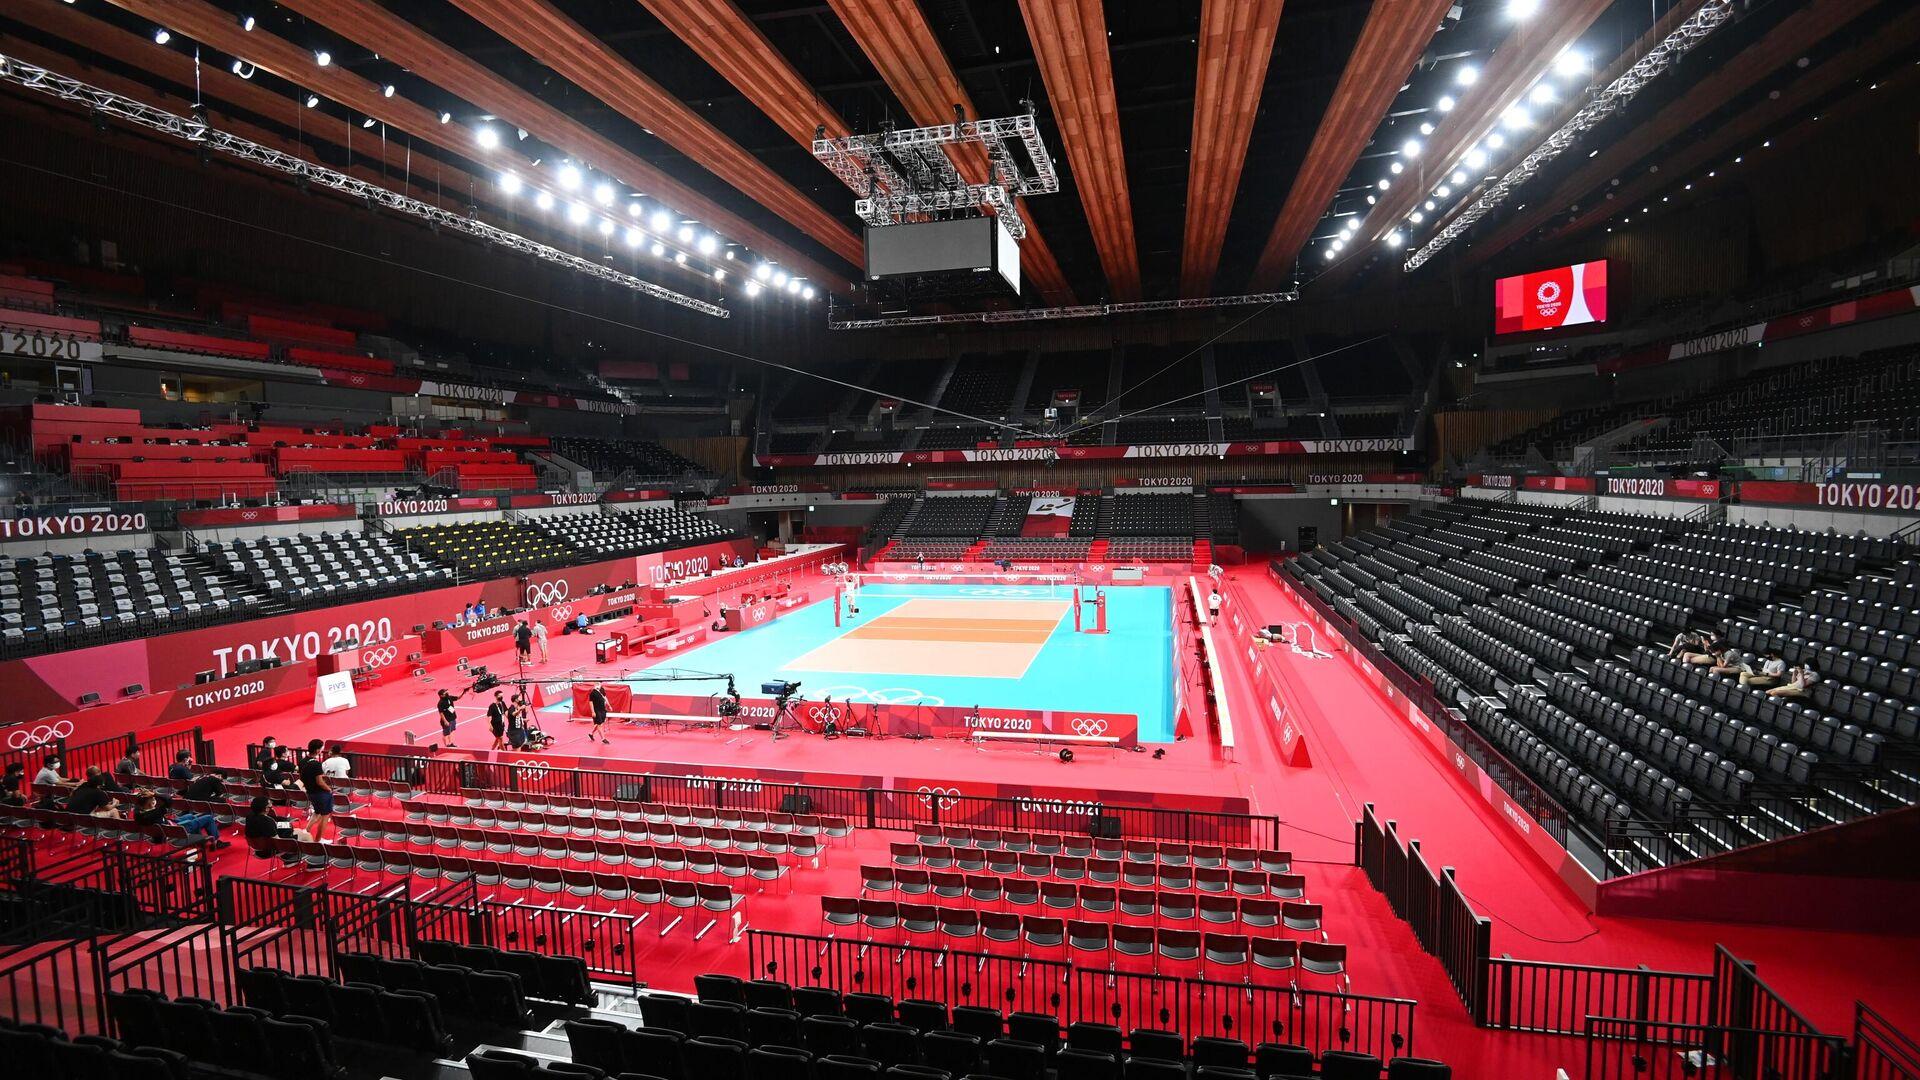 Волейбольная арена, где будут проходить соревнования по волейболу на XXXII летних Олимпийских играх, в Токио. - РИА Новости, 1920, 27.07.2021